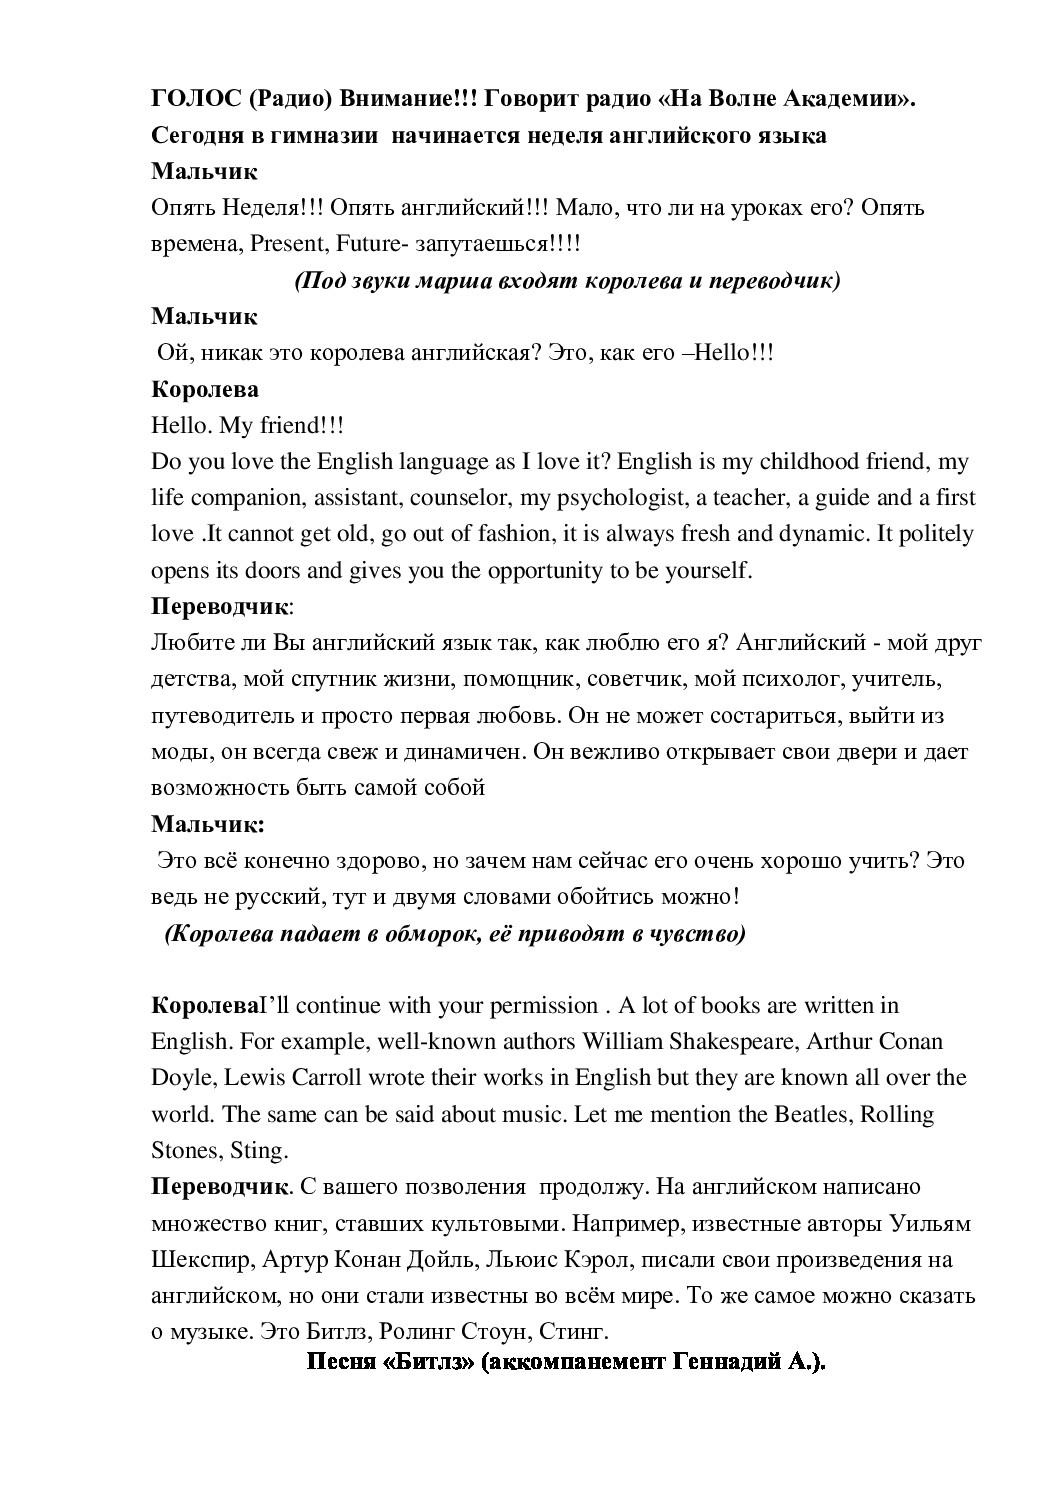 Сценарий открытия недели английского языка